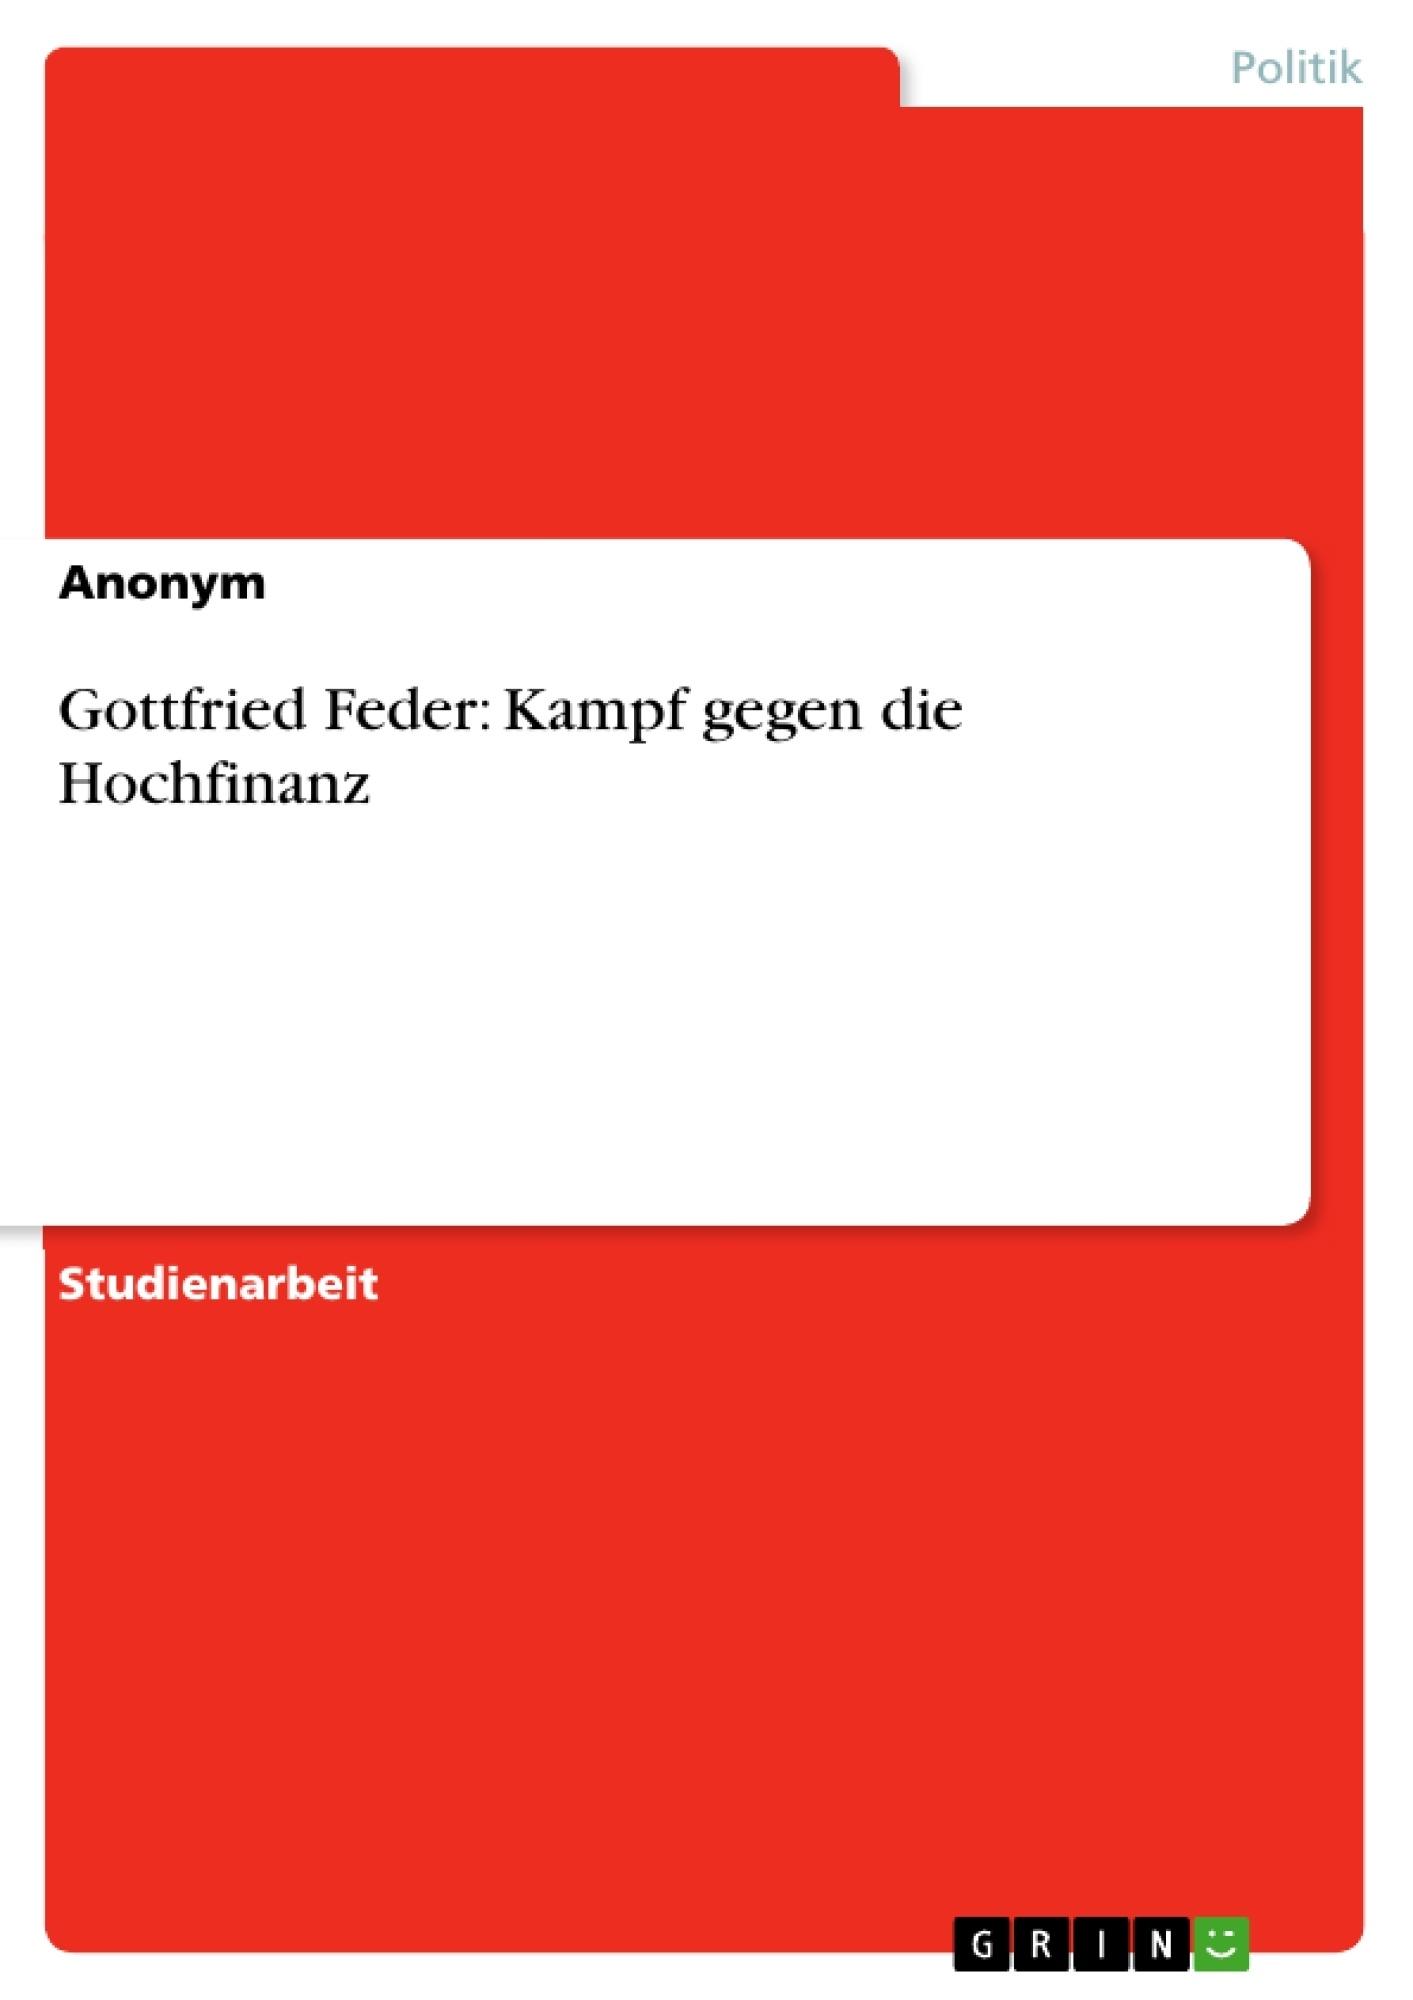 Titel: Gottfried Feder: Kampf gegen die Hochfinanz